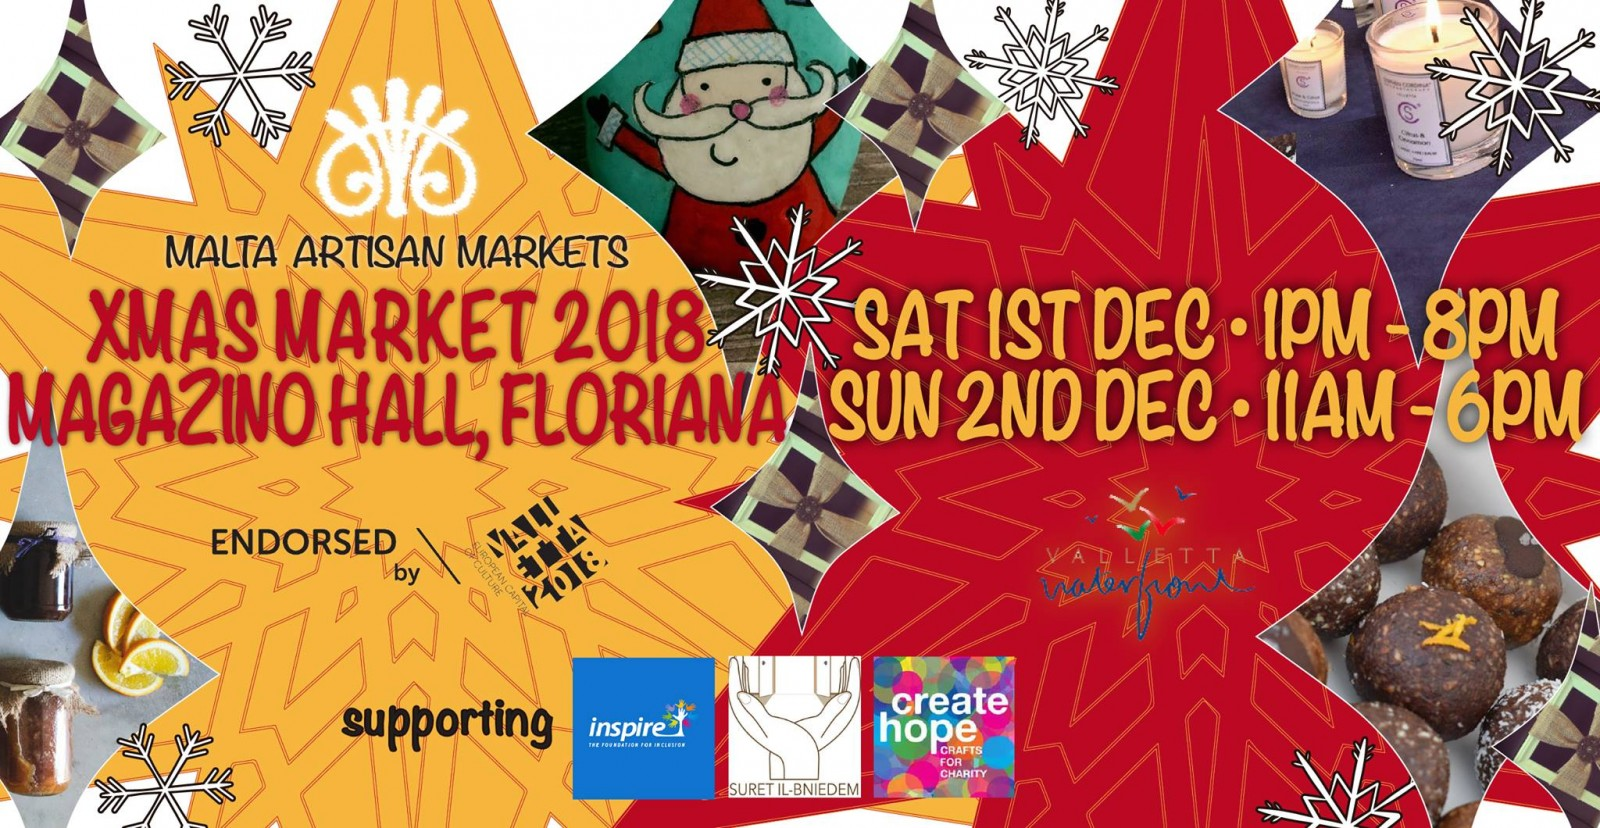 Malta Artisan Markets 2018